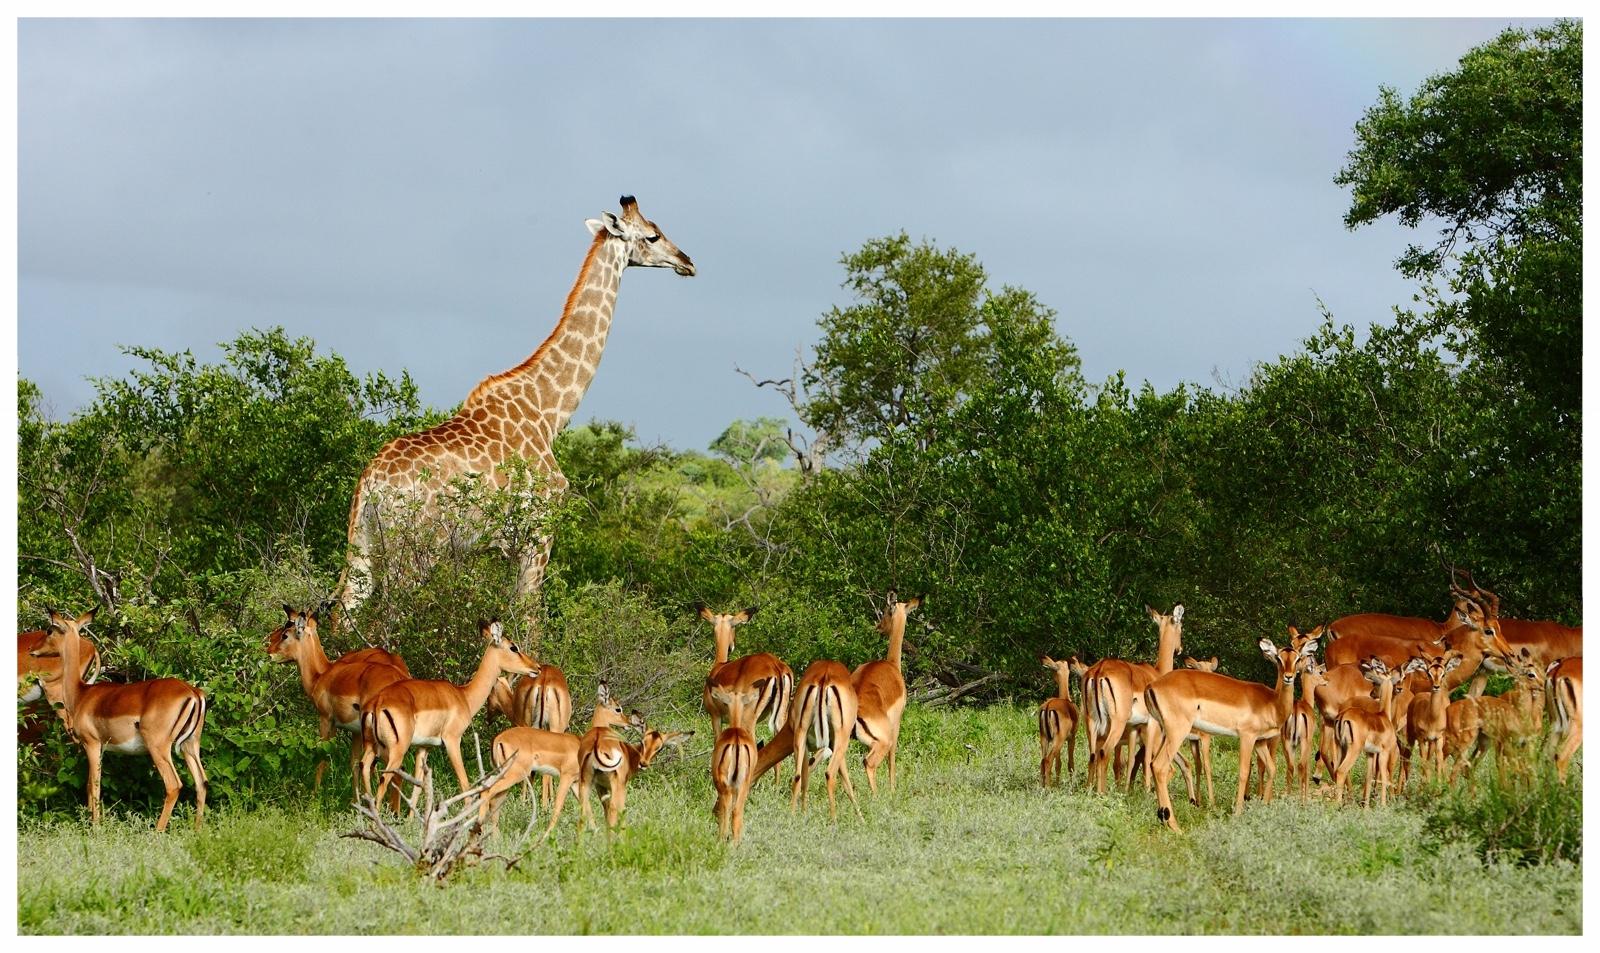 Südafrika Erstklassige Safaris und cooler Lifestyle - Südafrika verbindet Zivilisation und Wildnis und ist deshalb der perfekte Ort für Safari-Einsteiger. Reisen können in Kapstadt in erstklassigen Hotels, bei tollen Weinen und hervorragendem Essen beginnen, das macht die Gewöhnung an den neuen Kontinent und seine Kultur ganz einfach, wenn man mit seinen besonders authentischen Ländern wie Botswana, Namibia, Tansania oder Kenia noch nicht vertraut ist. Die Auswahl an Lodges während der anschließenden Safari ist riesengroß und auch auf Annehmlichkeiten wie Klimaanlage und Roomservice muss nicht verzichtet werden. Ohne die Zivilisation jemals ganz aus dem Blickfeld zu verlieren, sind in der nördlichen Kalahari, den Waterbergen, der Gegend um den Krügerpark und auch nördlich von Durban beeindruckende Tierbeobachtungen möglich.